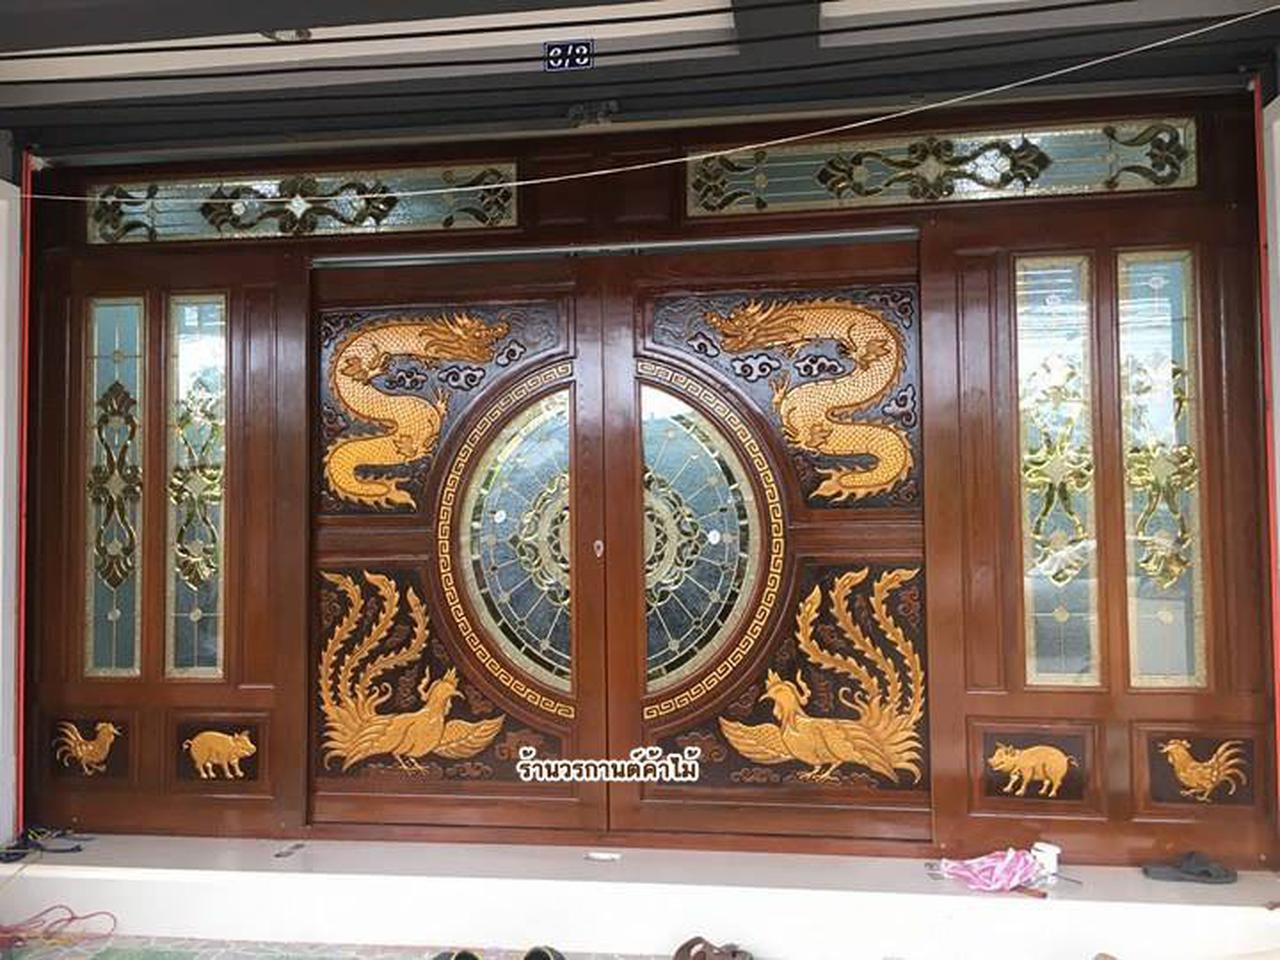 ร้านวรกานต์ค้าไม้ จำหน่าย ประตูไม้สักกระจกนิรภัย ประตูไม้สักบานคู่ ประตูไม้สักบานเดี่ยว ประตูหน้าต่าง ทั้งปลีกและส่ง รูปที่ 3